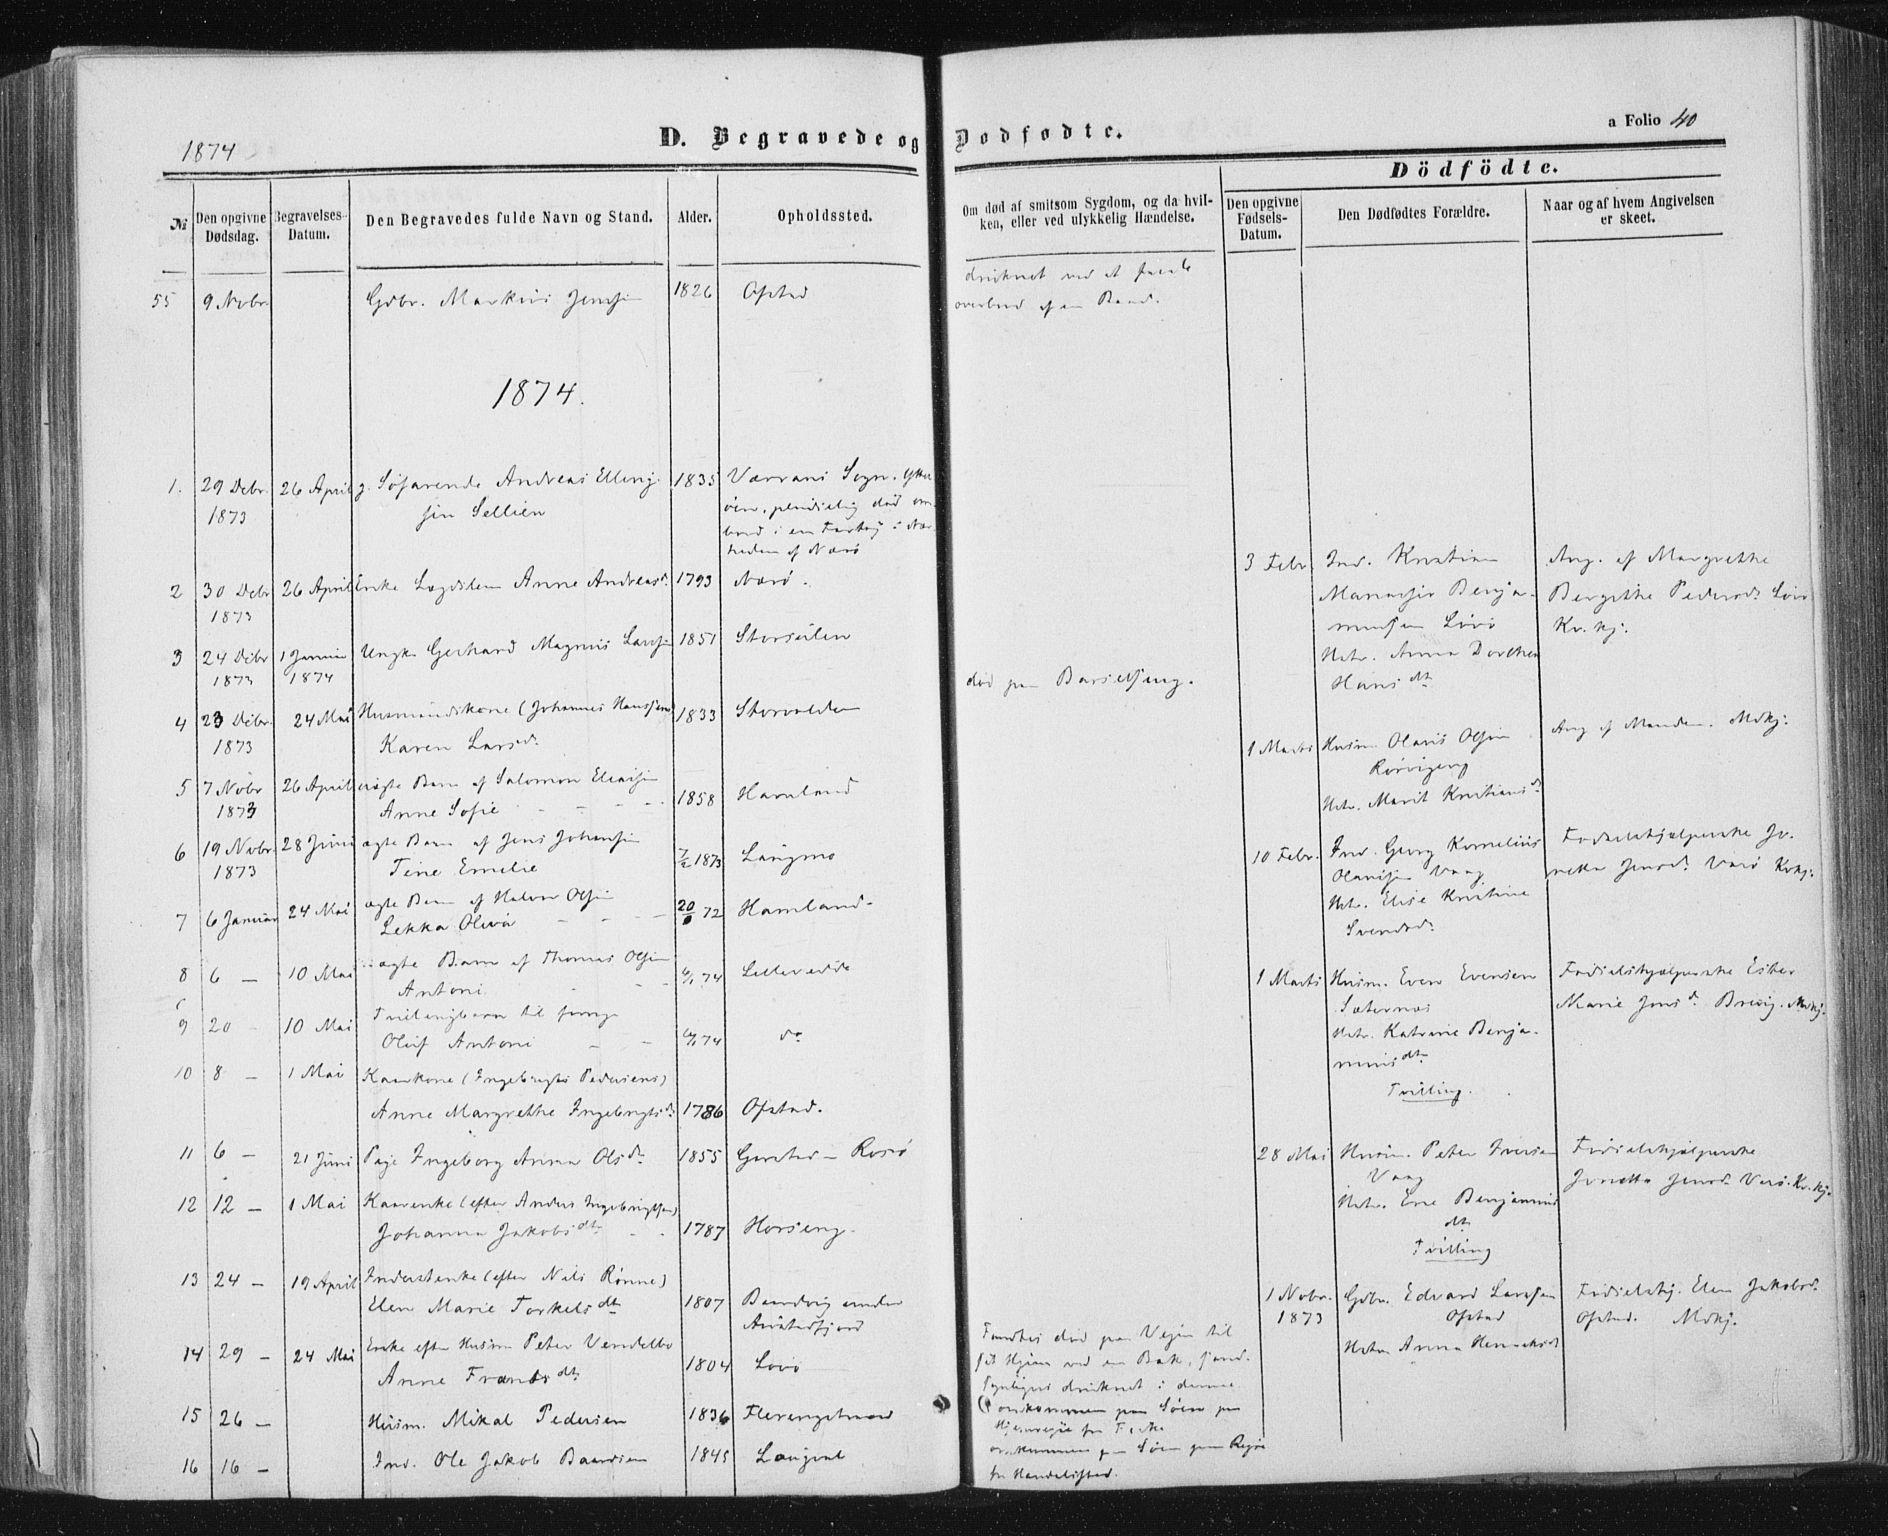 SAT, Ministerialprotokoller, klokkerbøker og fødselsregistre - Nord-Trøndelag, 784/L0670: Ministerialbok nr. 784A05, 1860-1876, s. 40